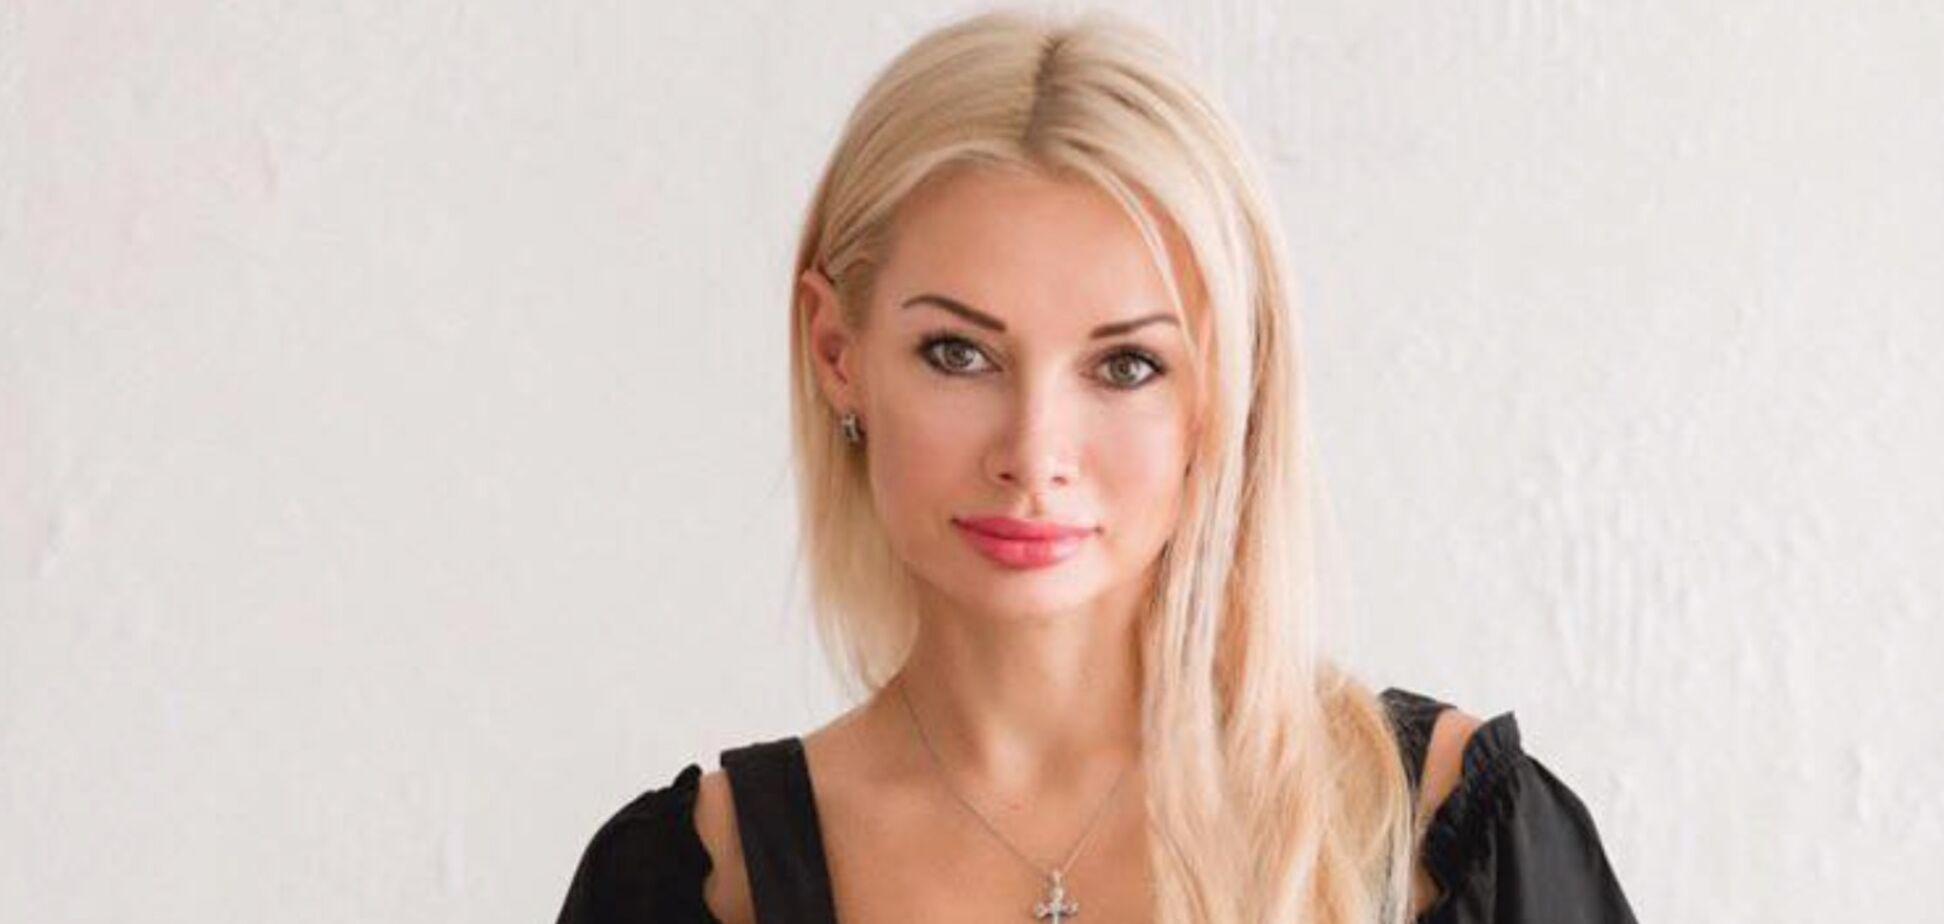 Ірина Аллахвердієва прокоментувала скандал у 'Слузі народу'